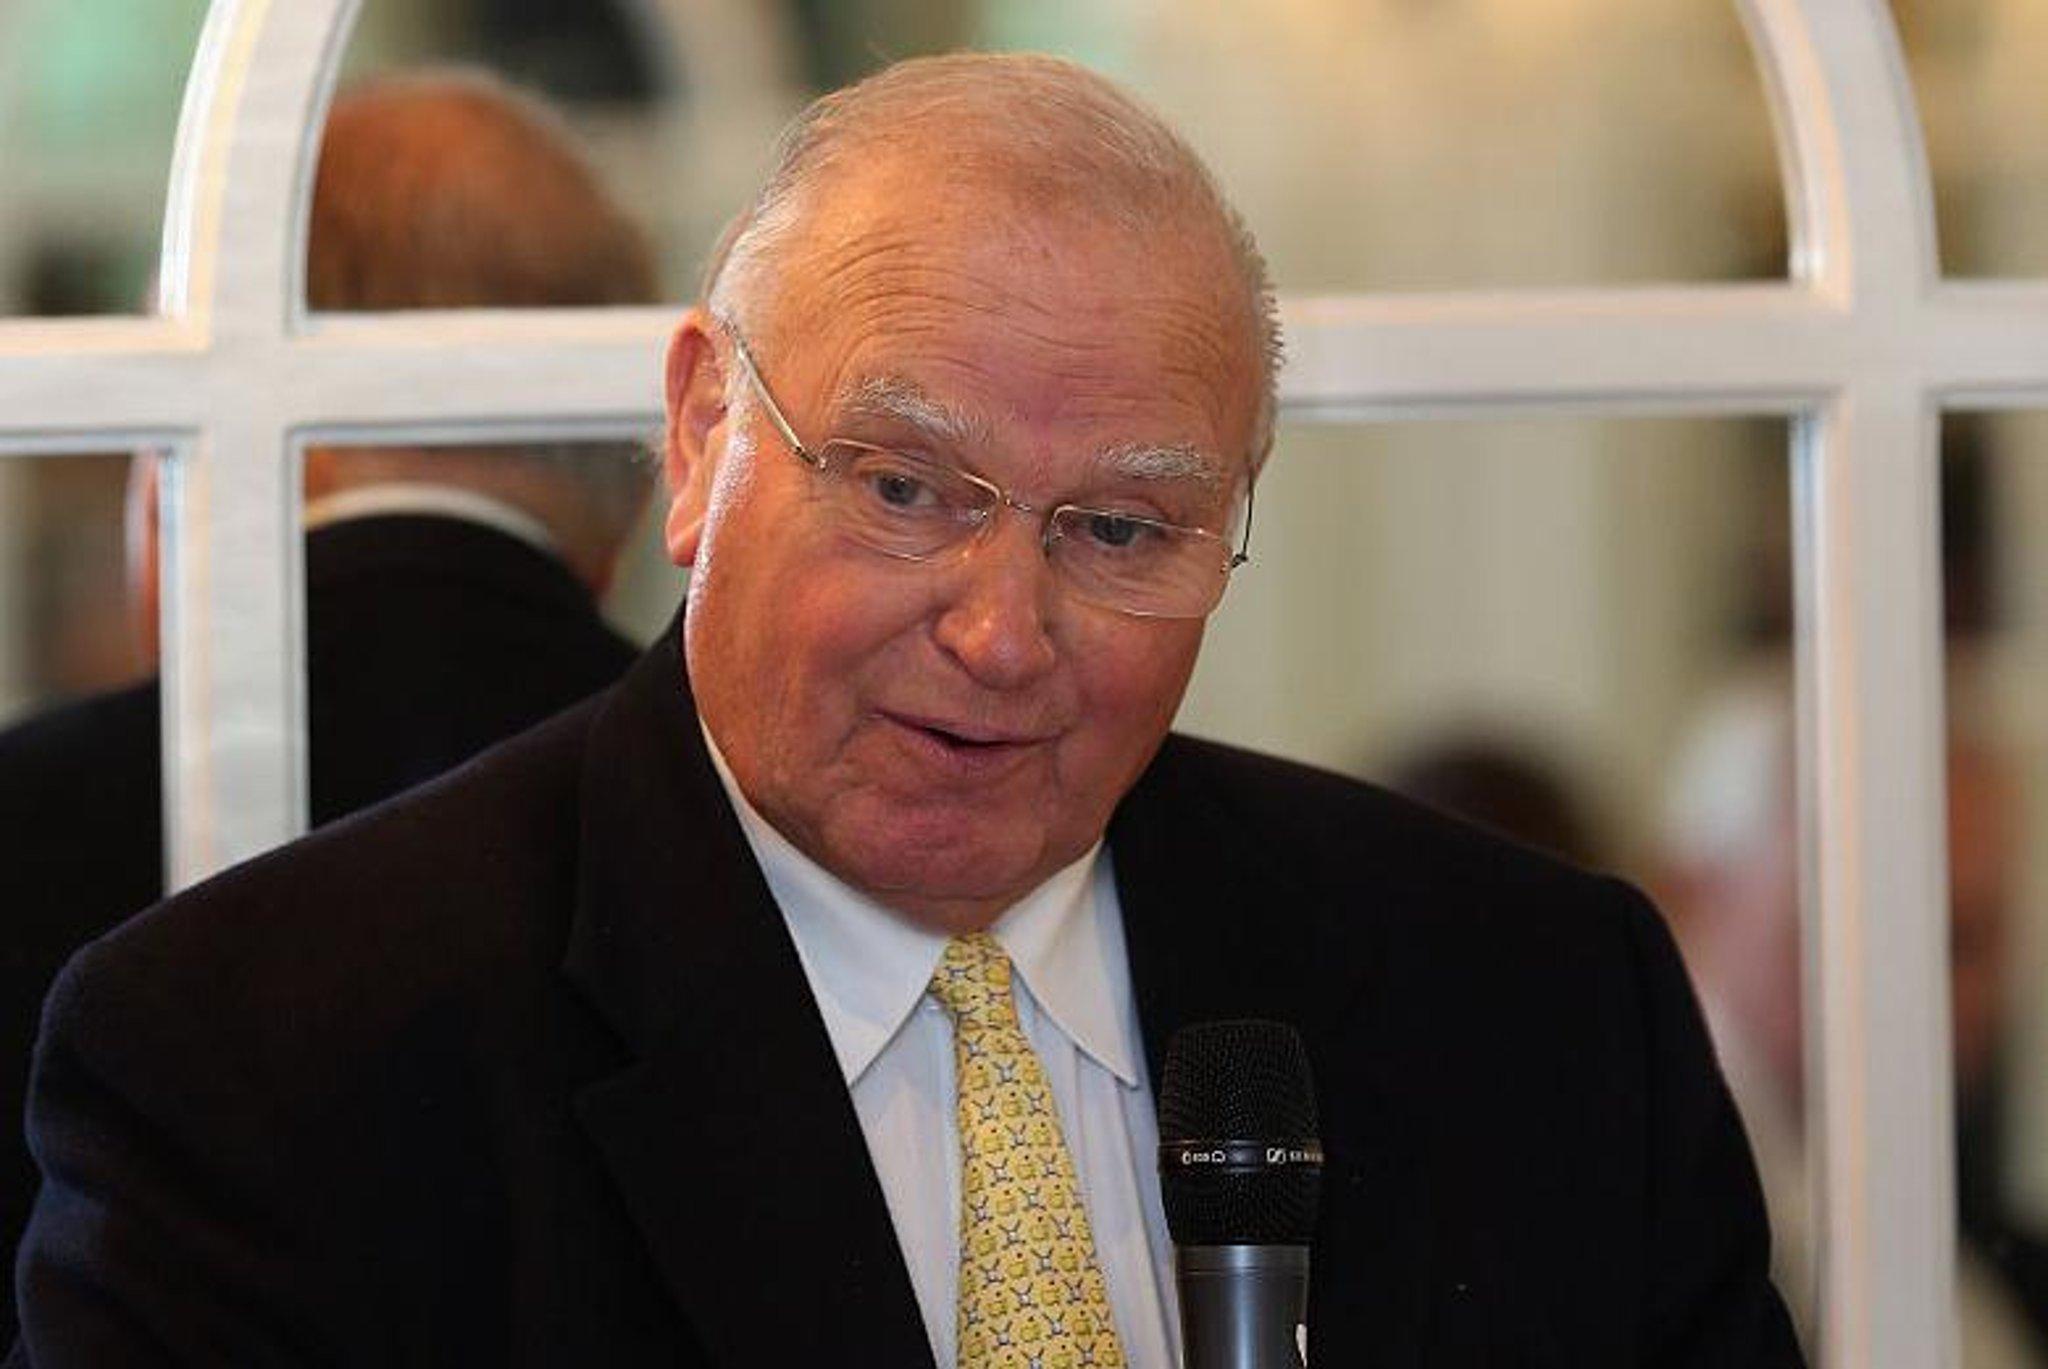 Bernard Gallacher berduka atas teman lama dan sesama Hibee Renton Laidlaw